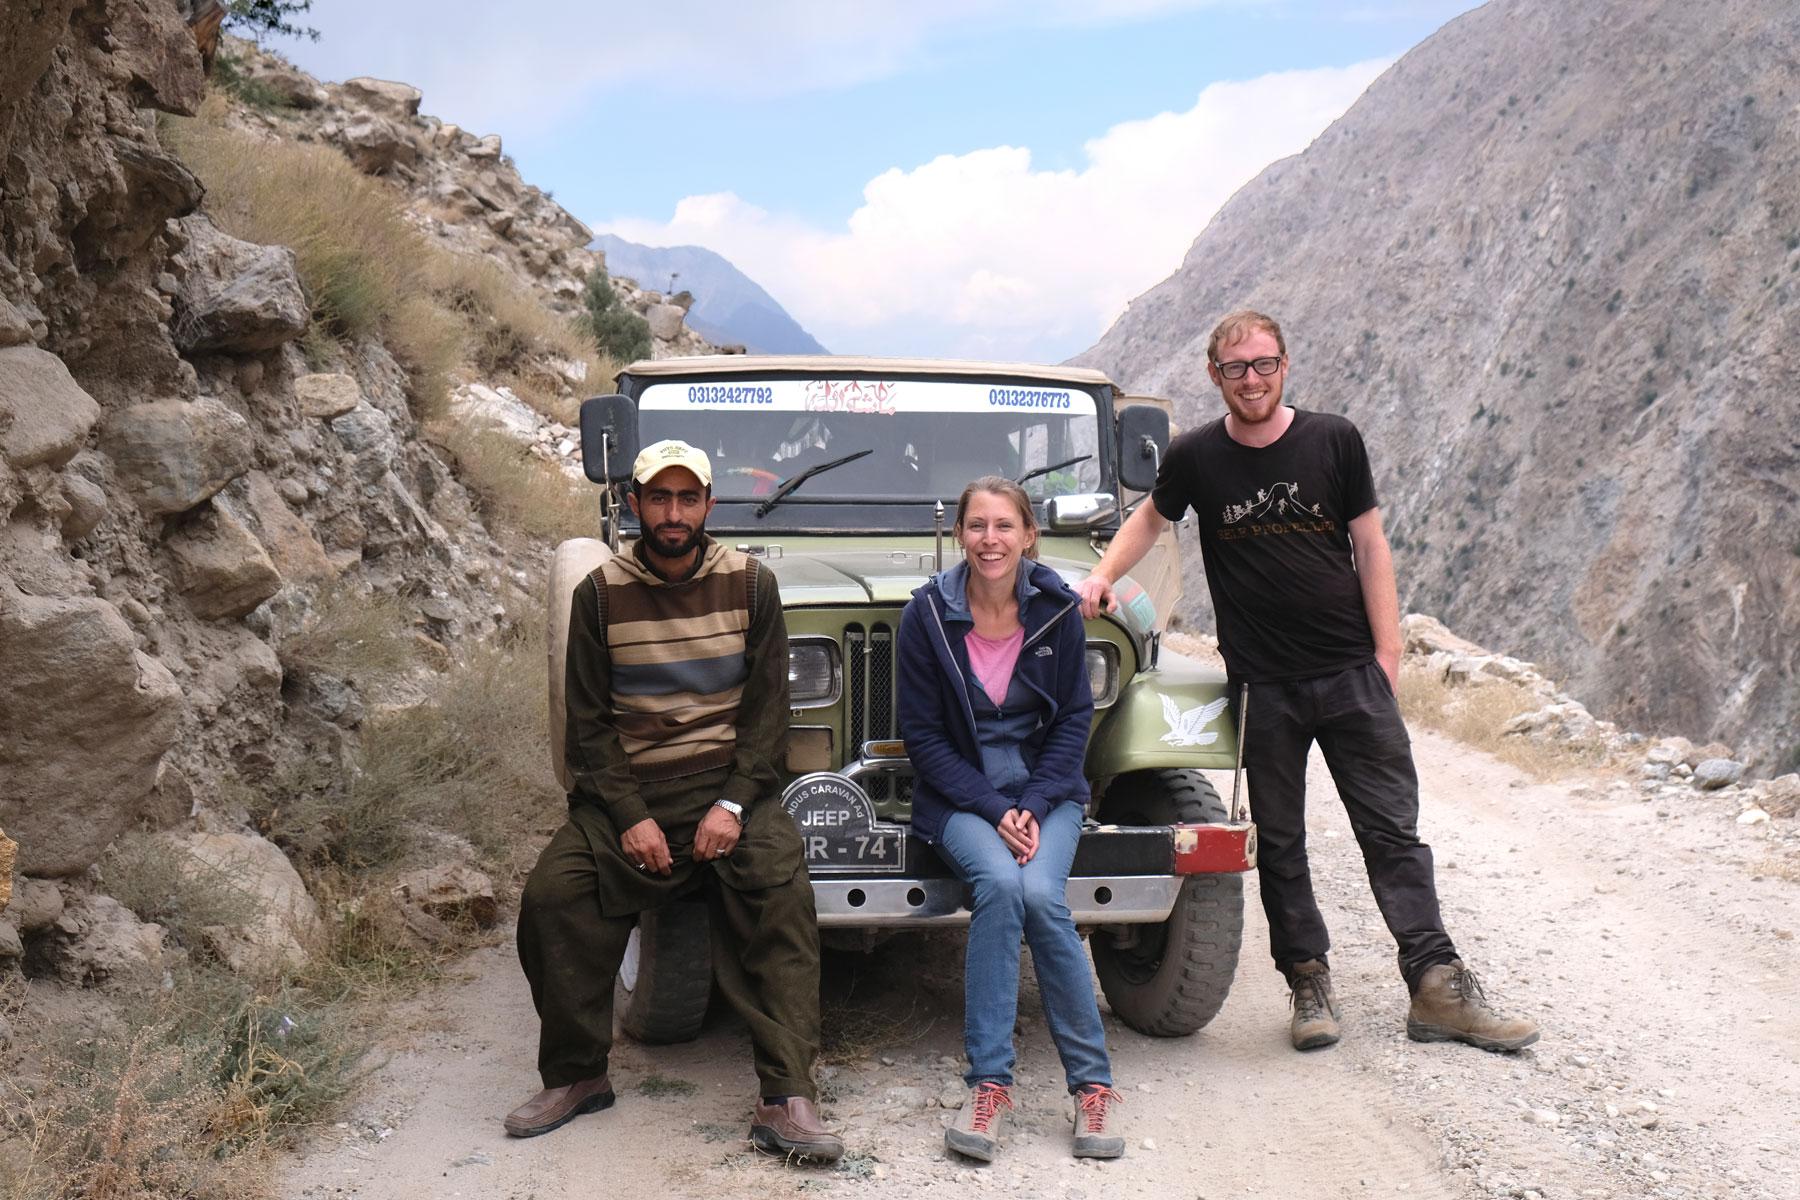 Leo sitzt neben zwei Männern auf der Stoßstange eines Geländewagens.